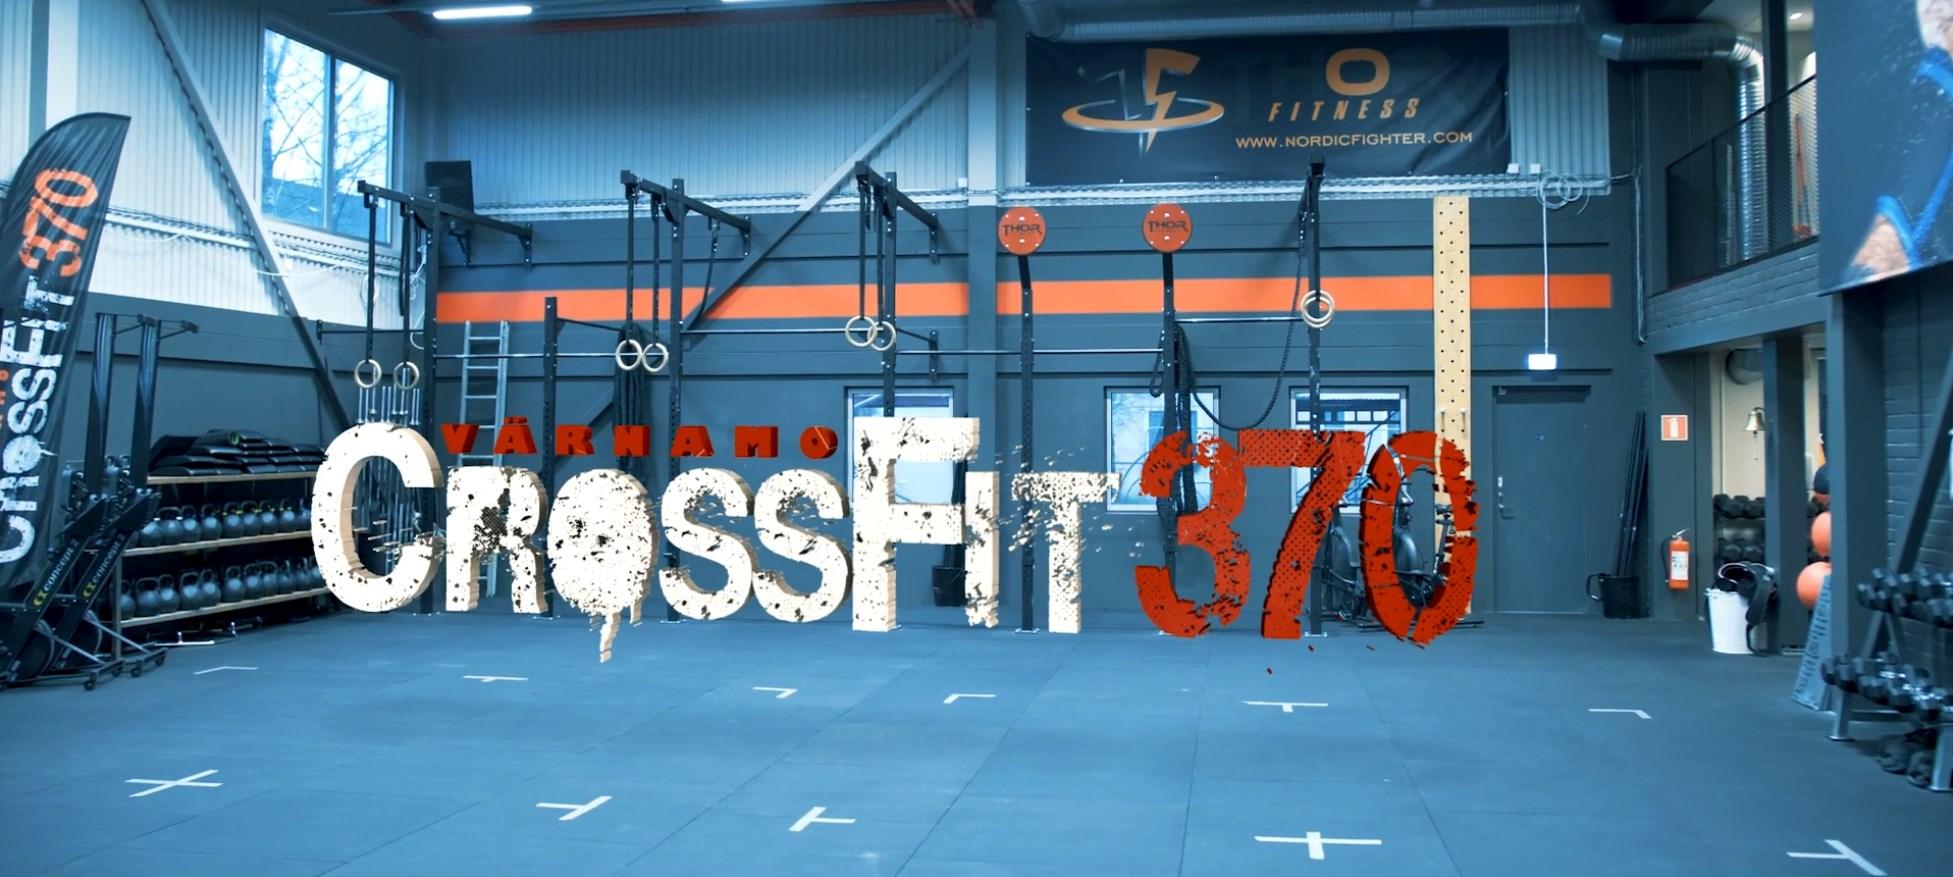 Levererat Värnamo Crossfit 370